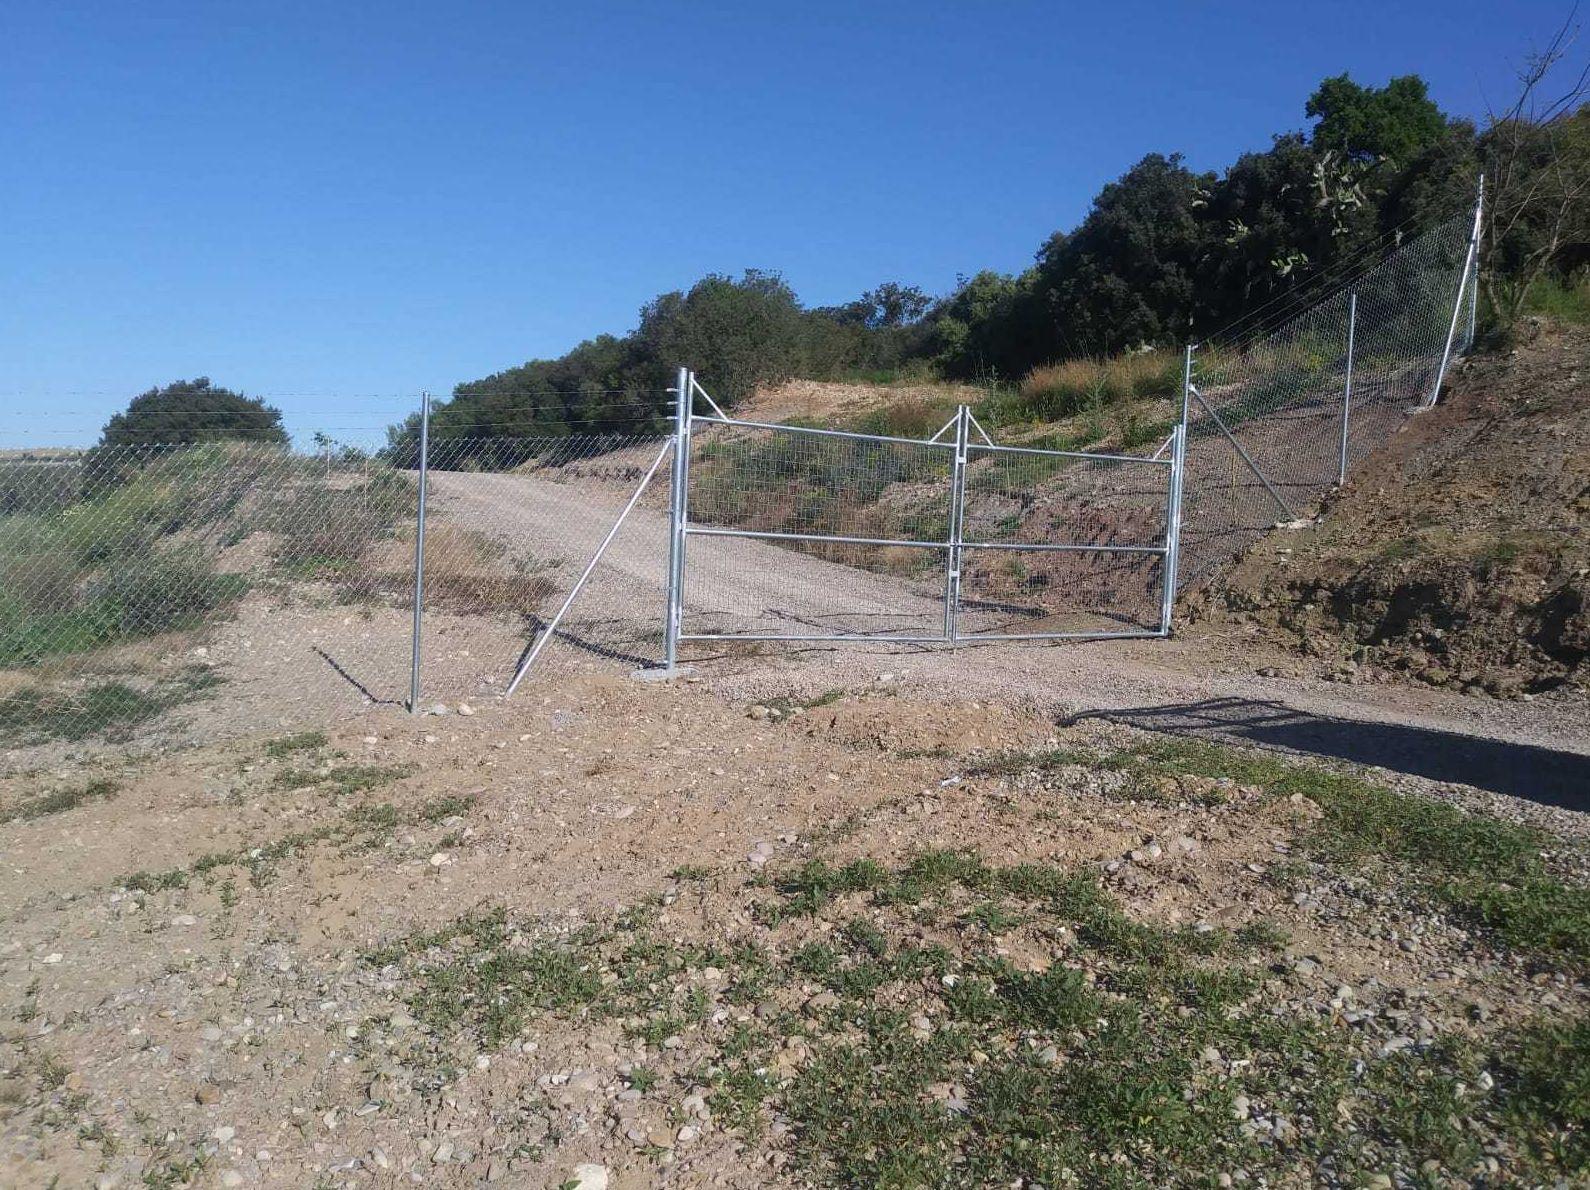 Instalación alambradas en terrenos rurales